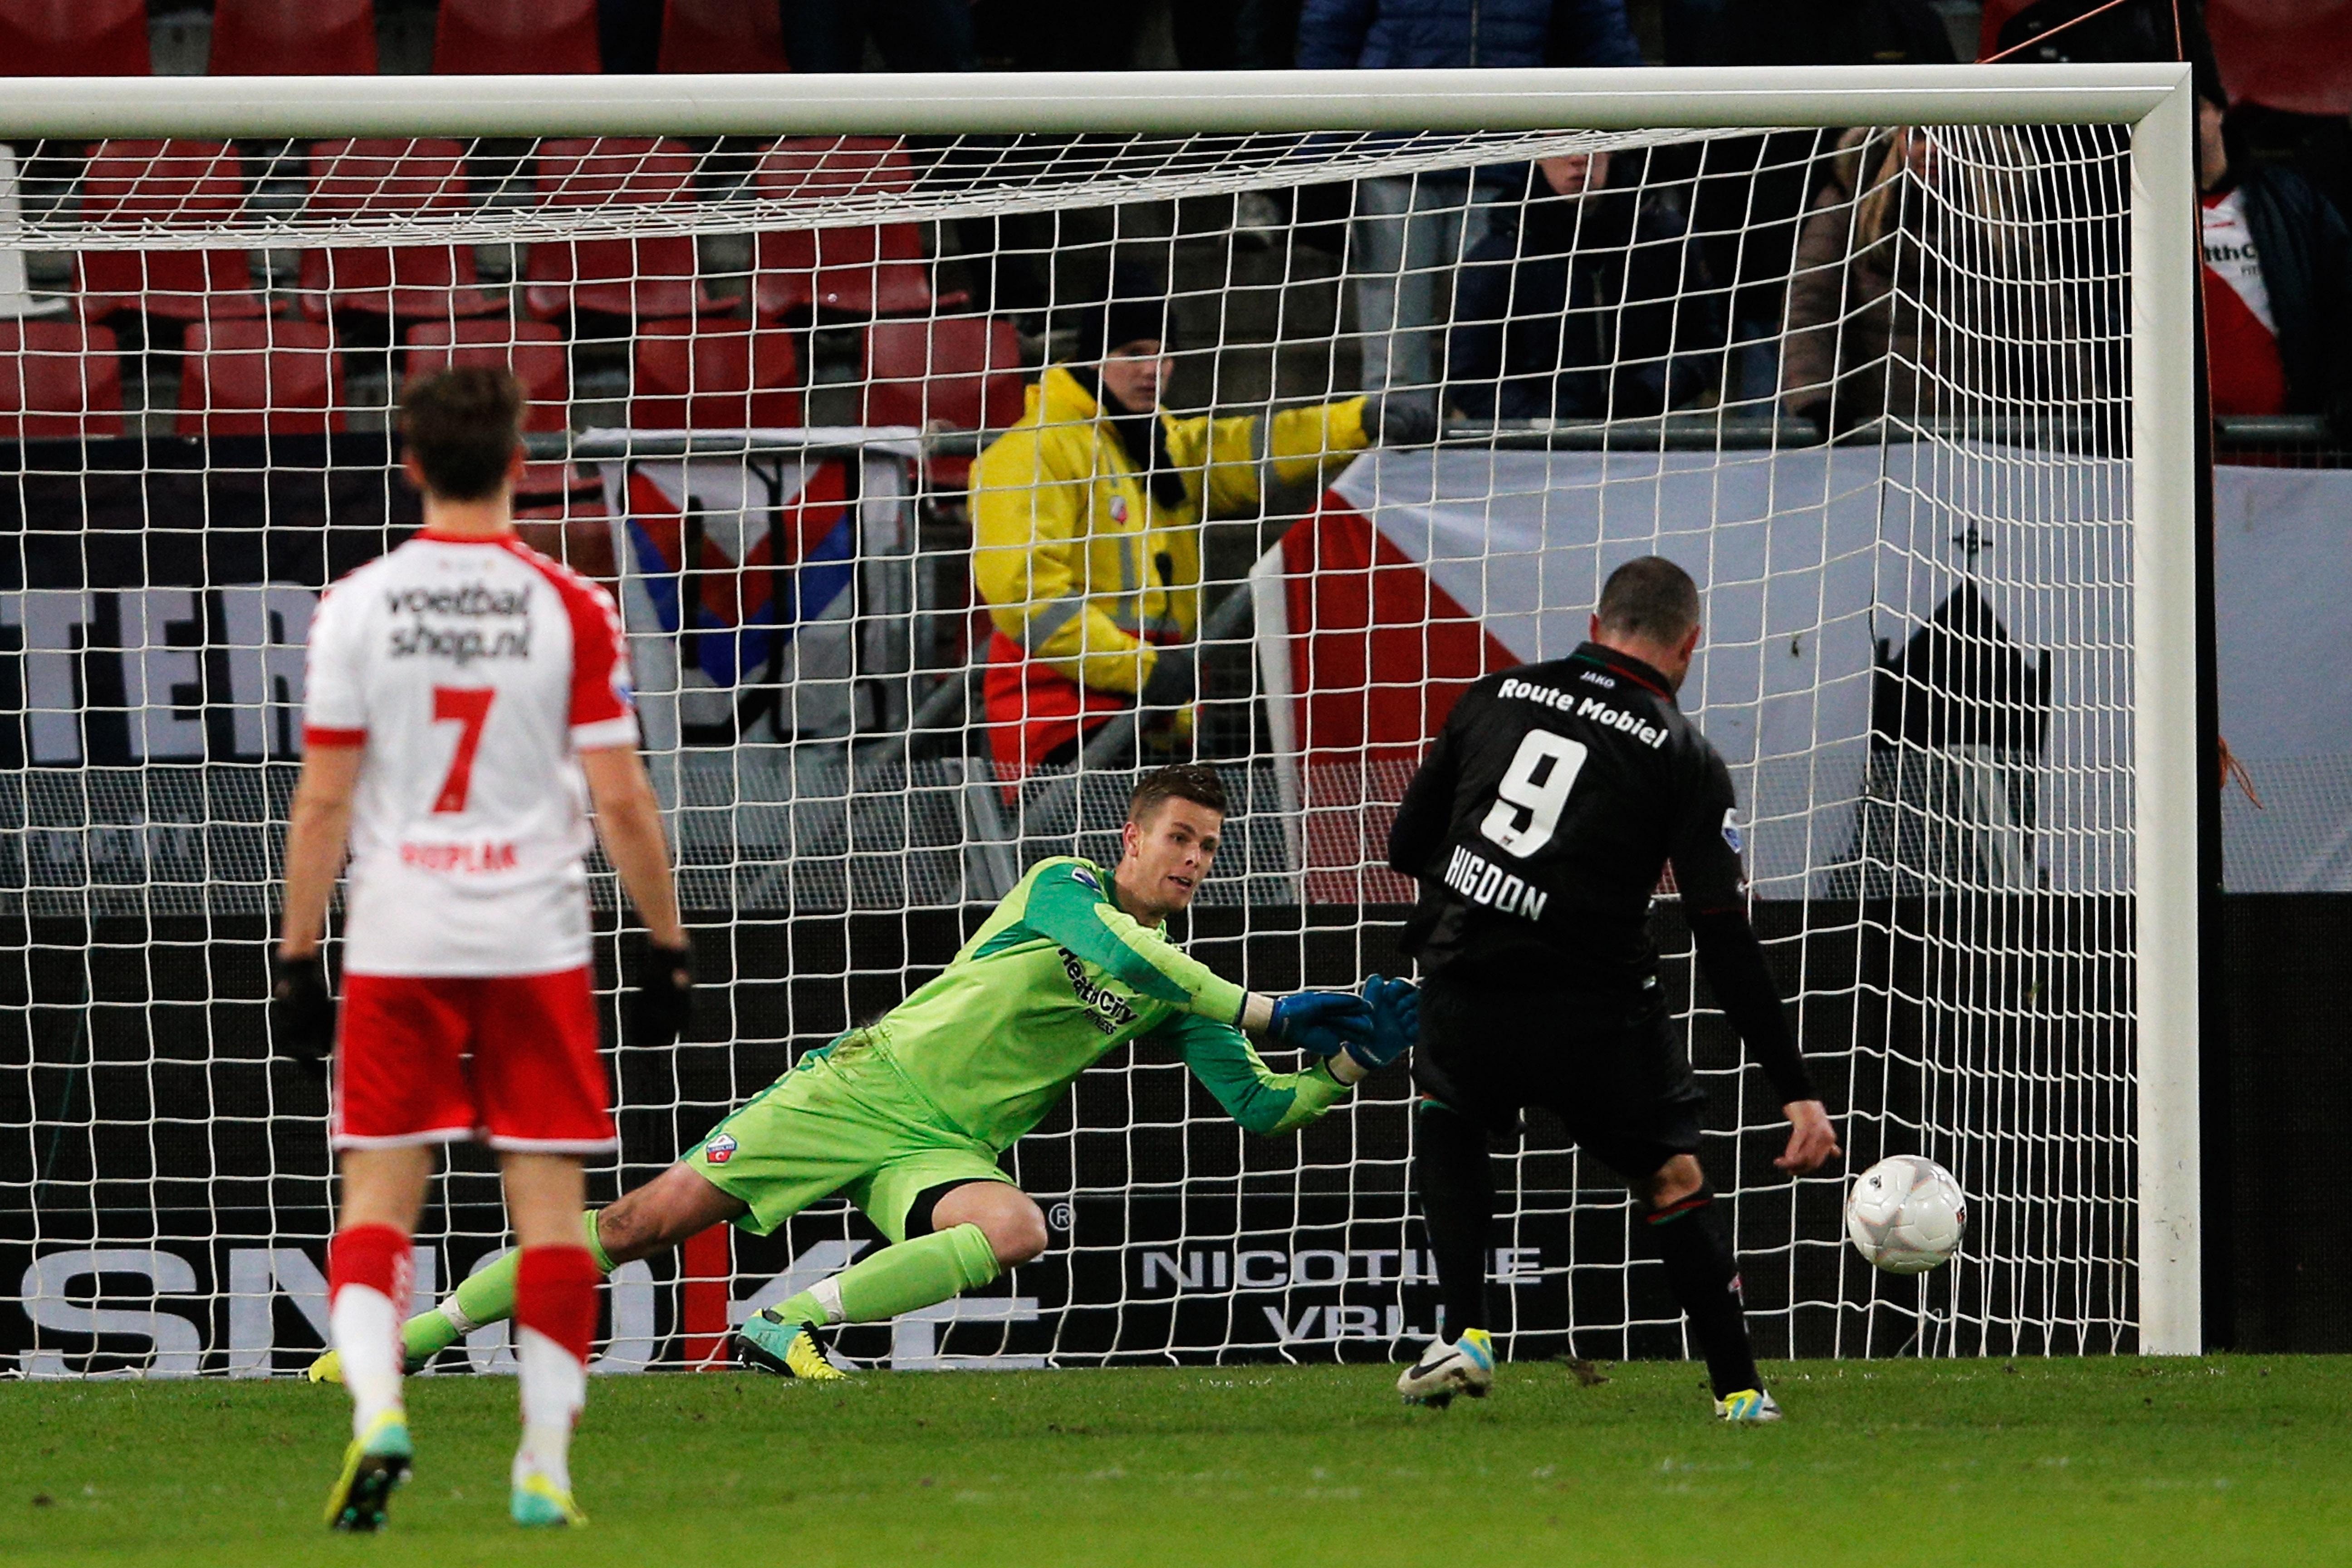 FC Utrecht v NEC Nijmegen- Dutch Eredivisie